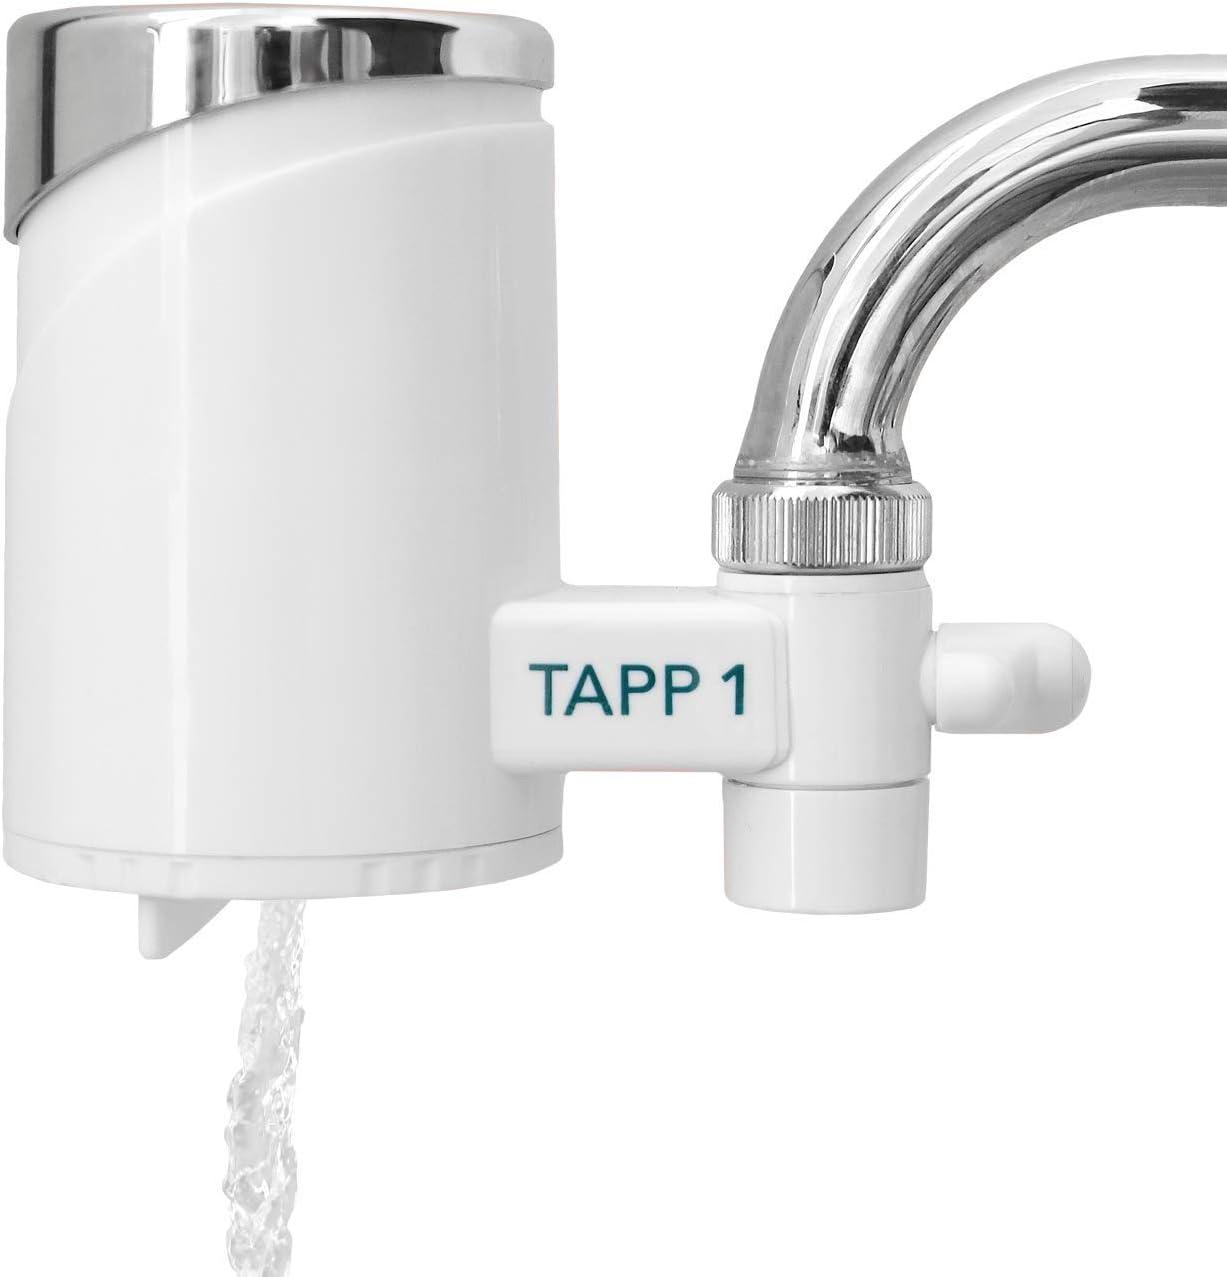 TAPP Water TAPP 1 - Sistema de Filtración para grifo - Filtra cloro, sedimentos, oxido, nitratos, pesticidos y elimina mal sabor y olor. Filtro de agua para grifo: Amazon.es: Hogar